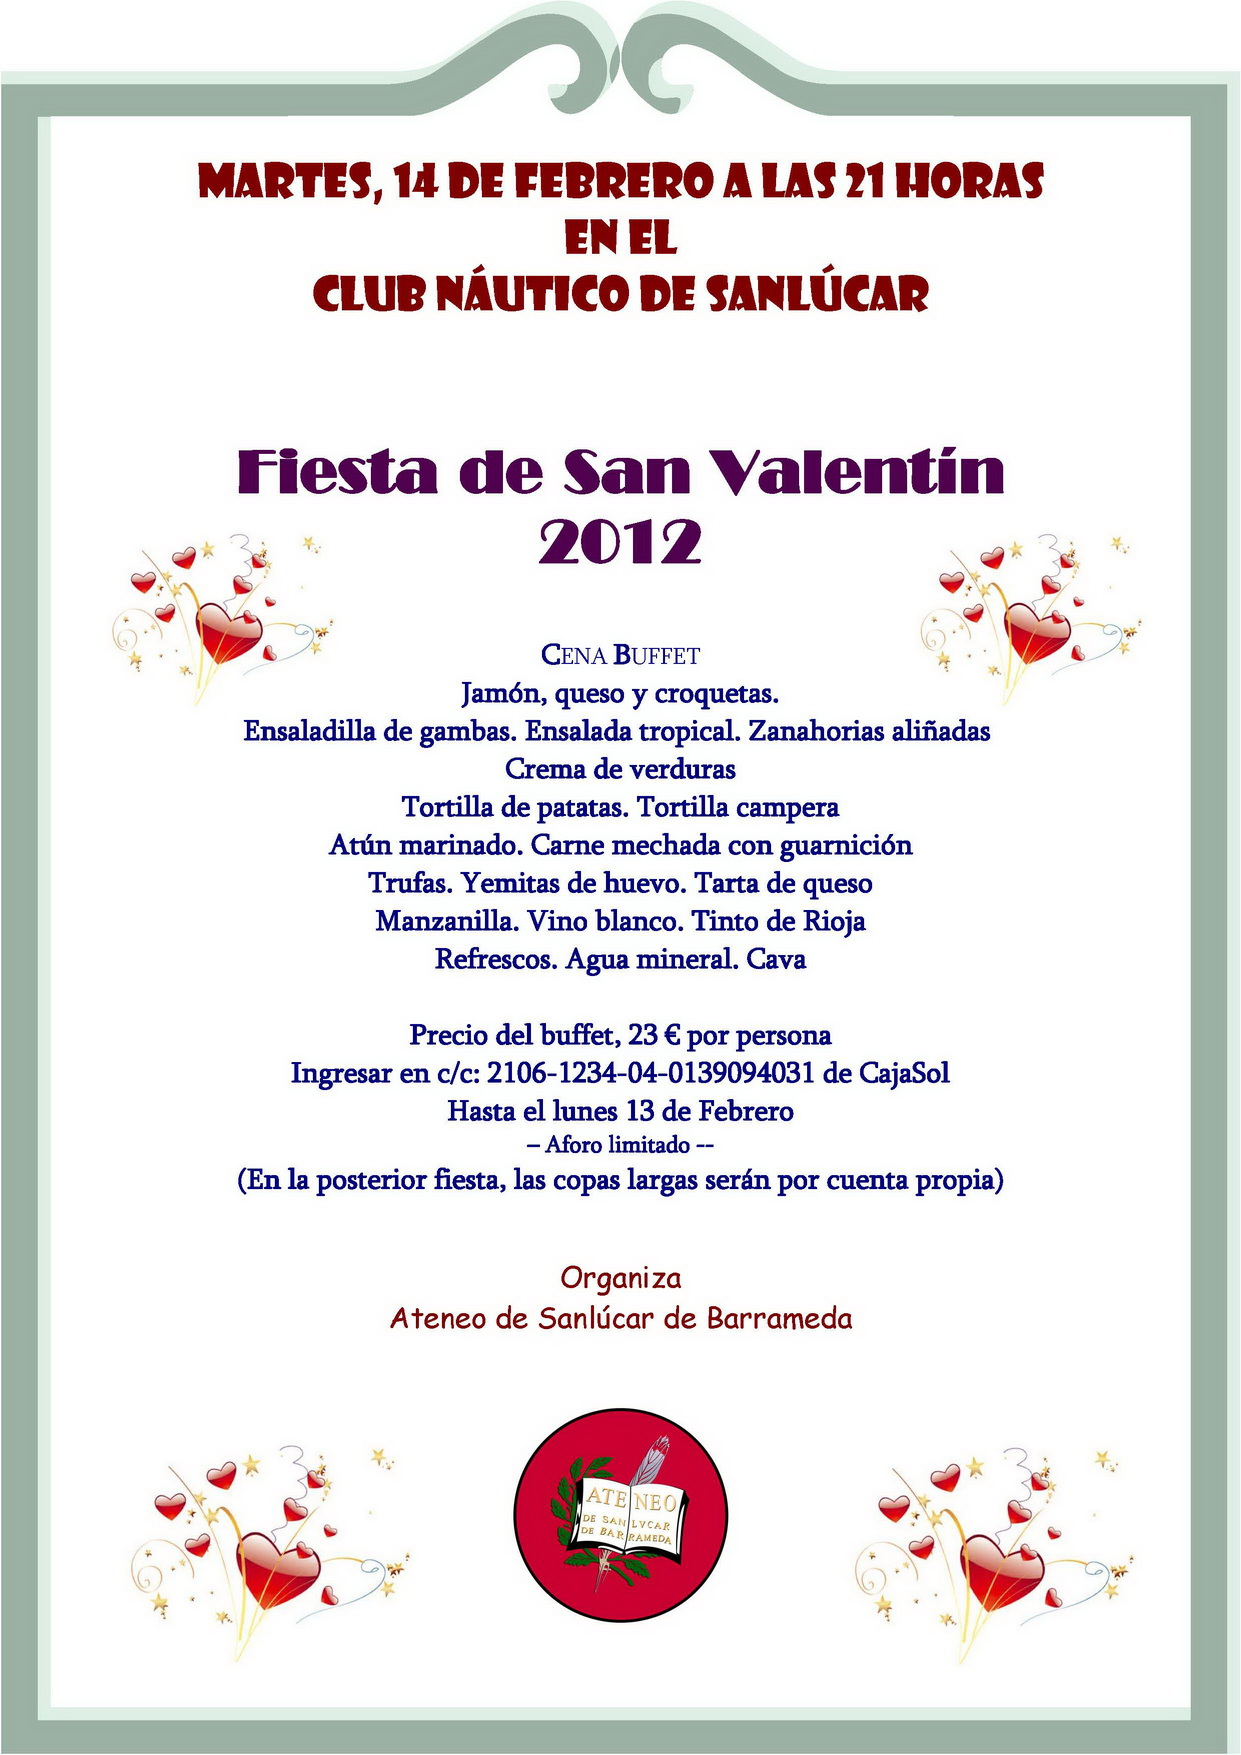 <b>Fiesta San Valentín, 2012</b>